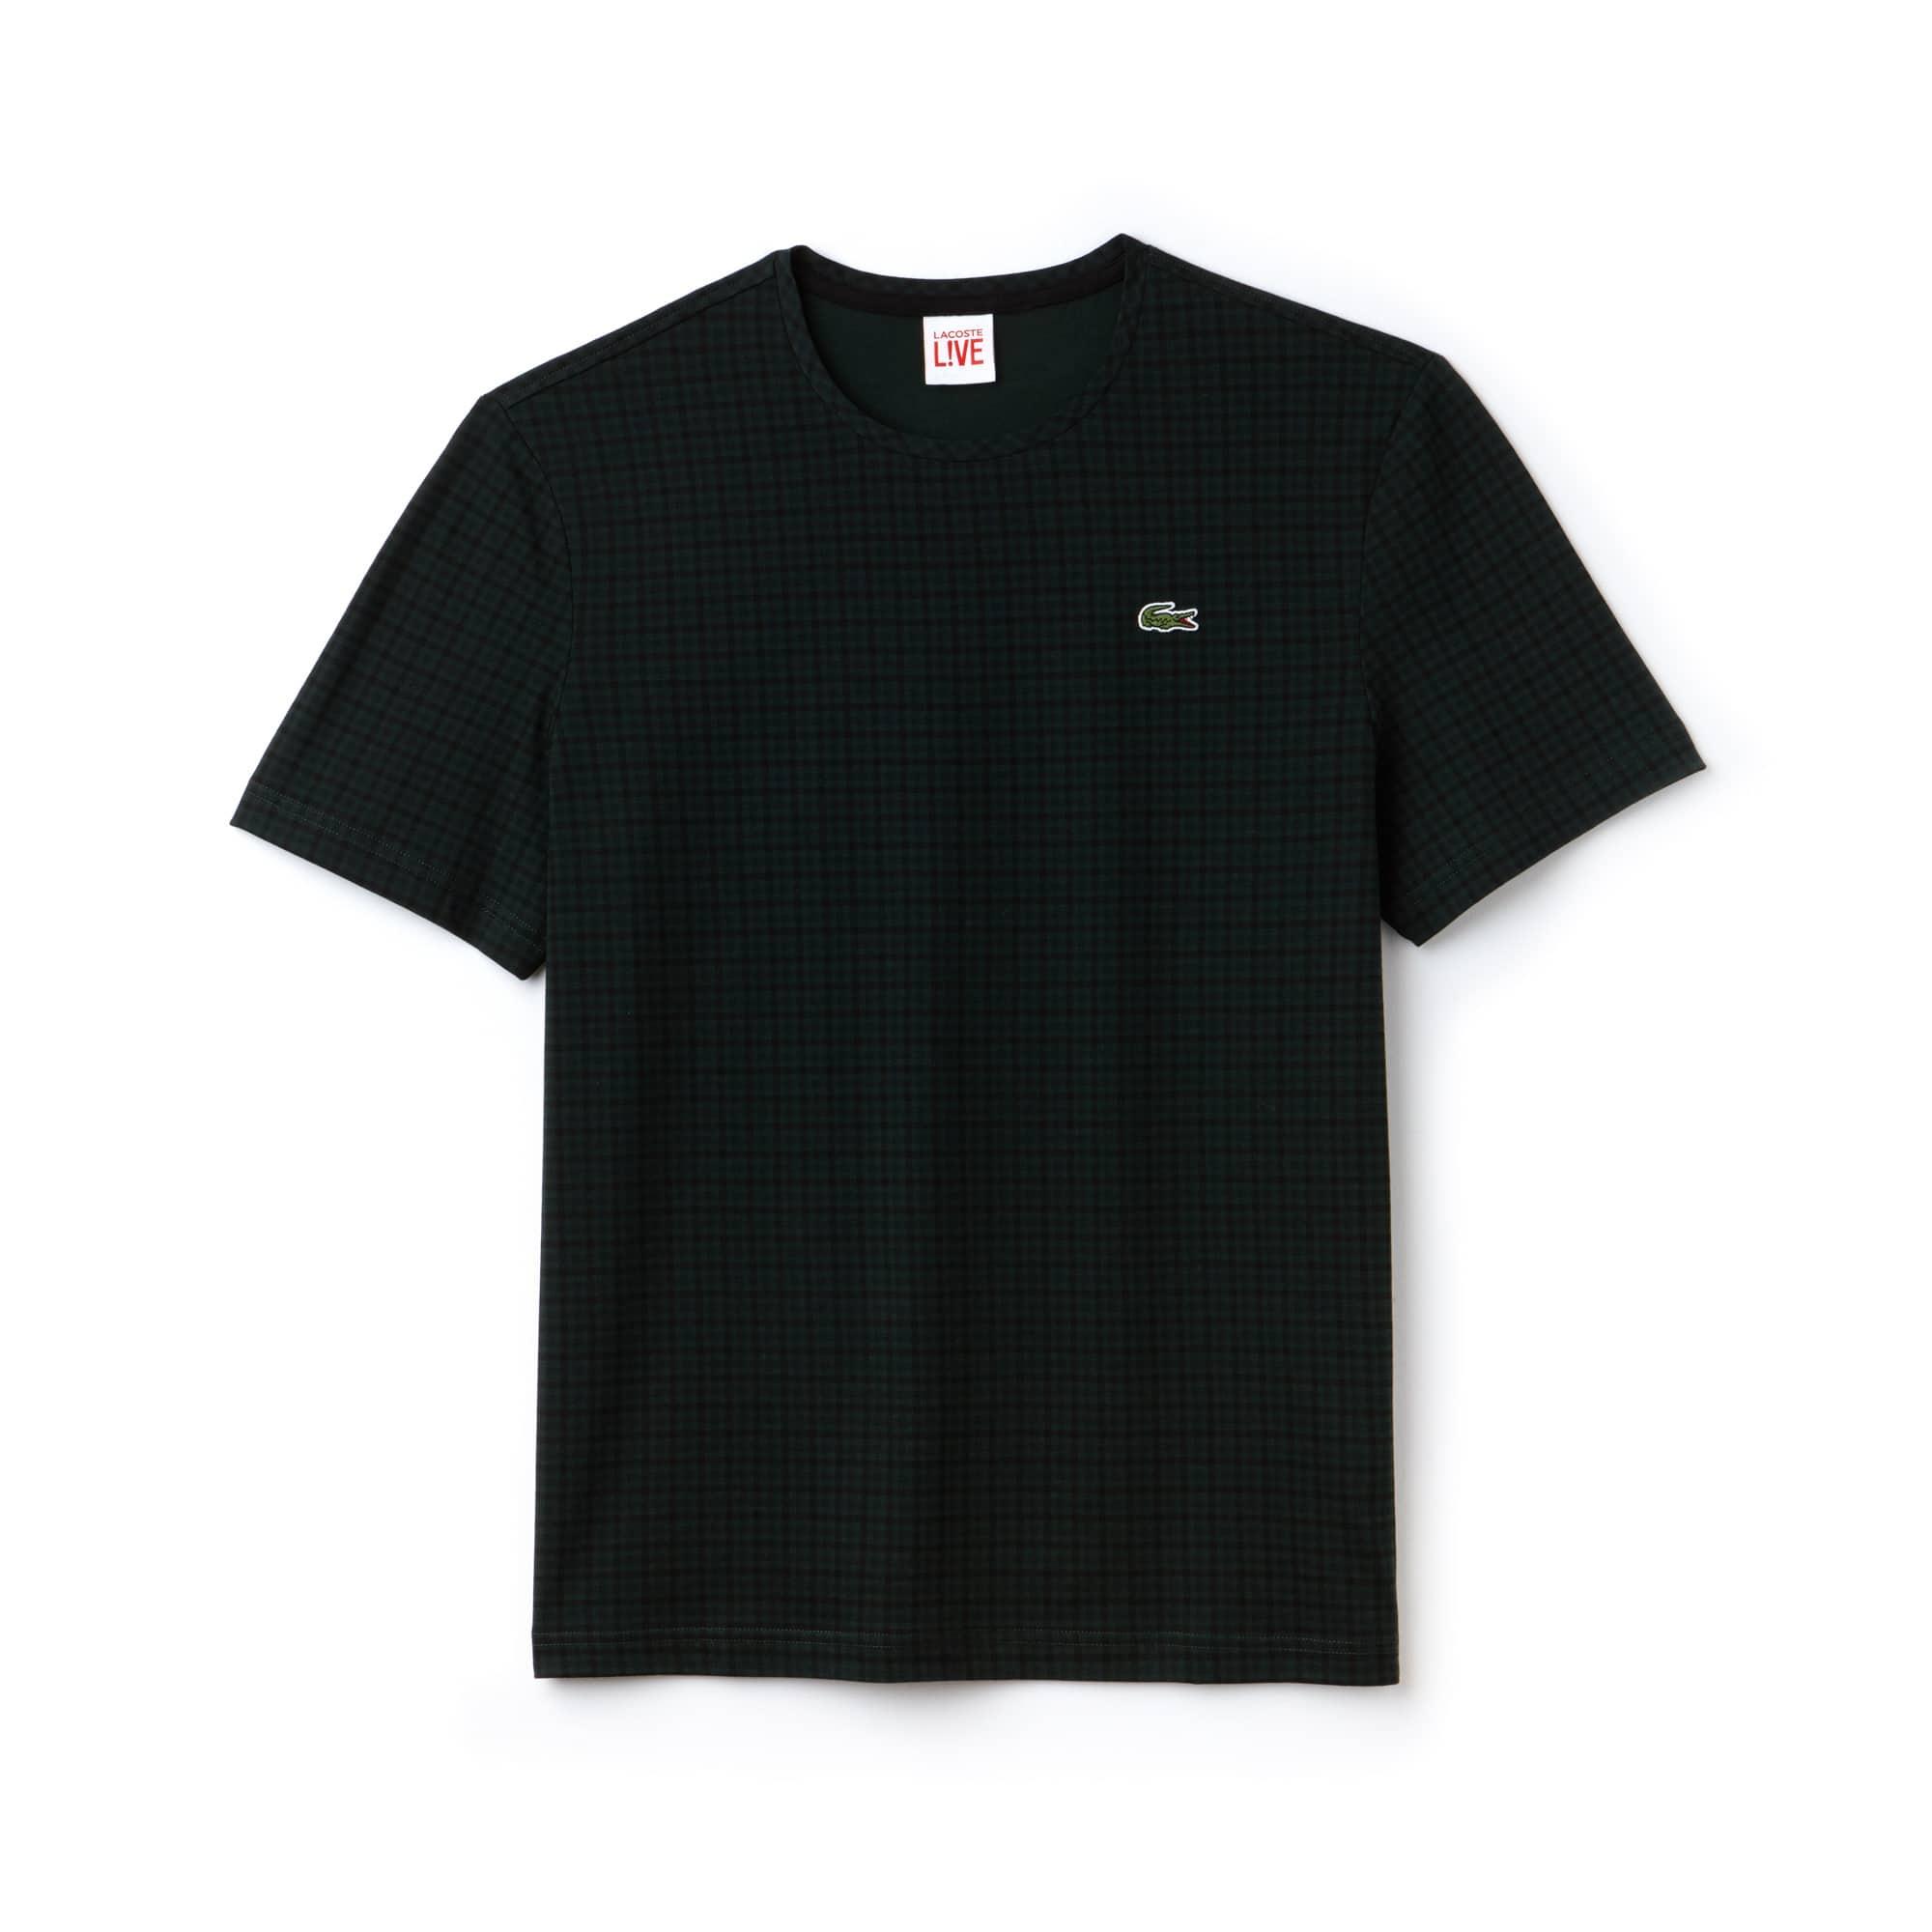 T-shirt col rond Lacoste LIVE en jersey de coton à carreaux